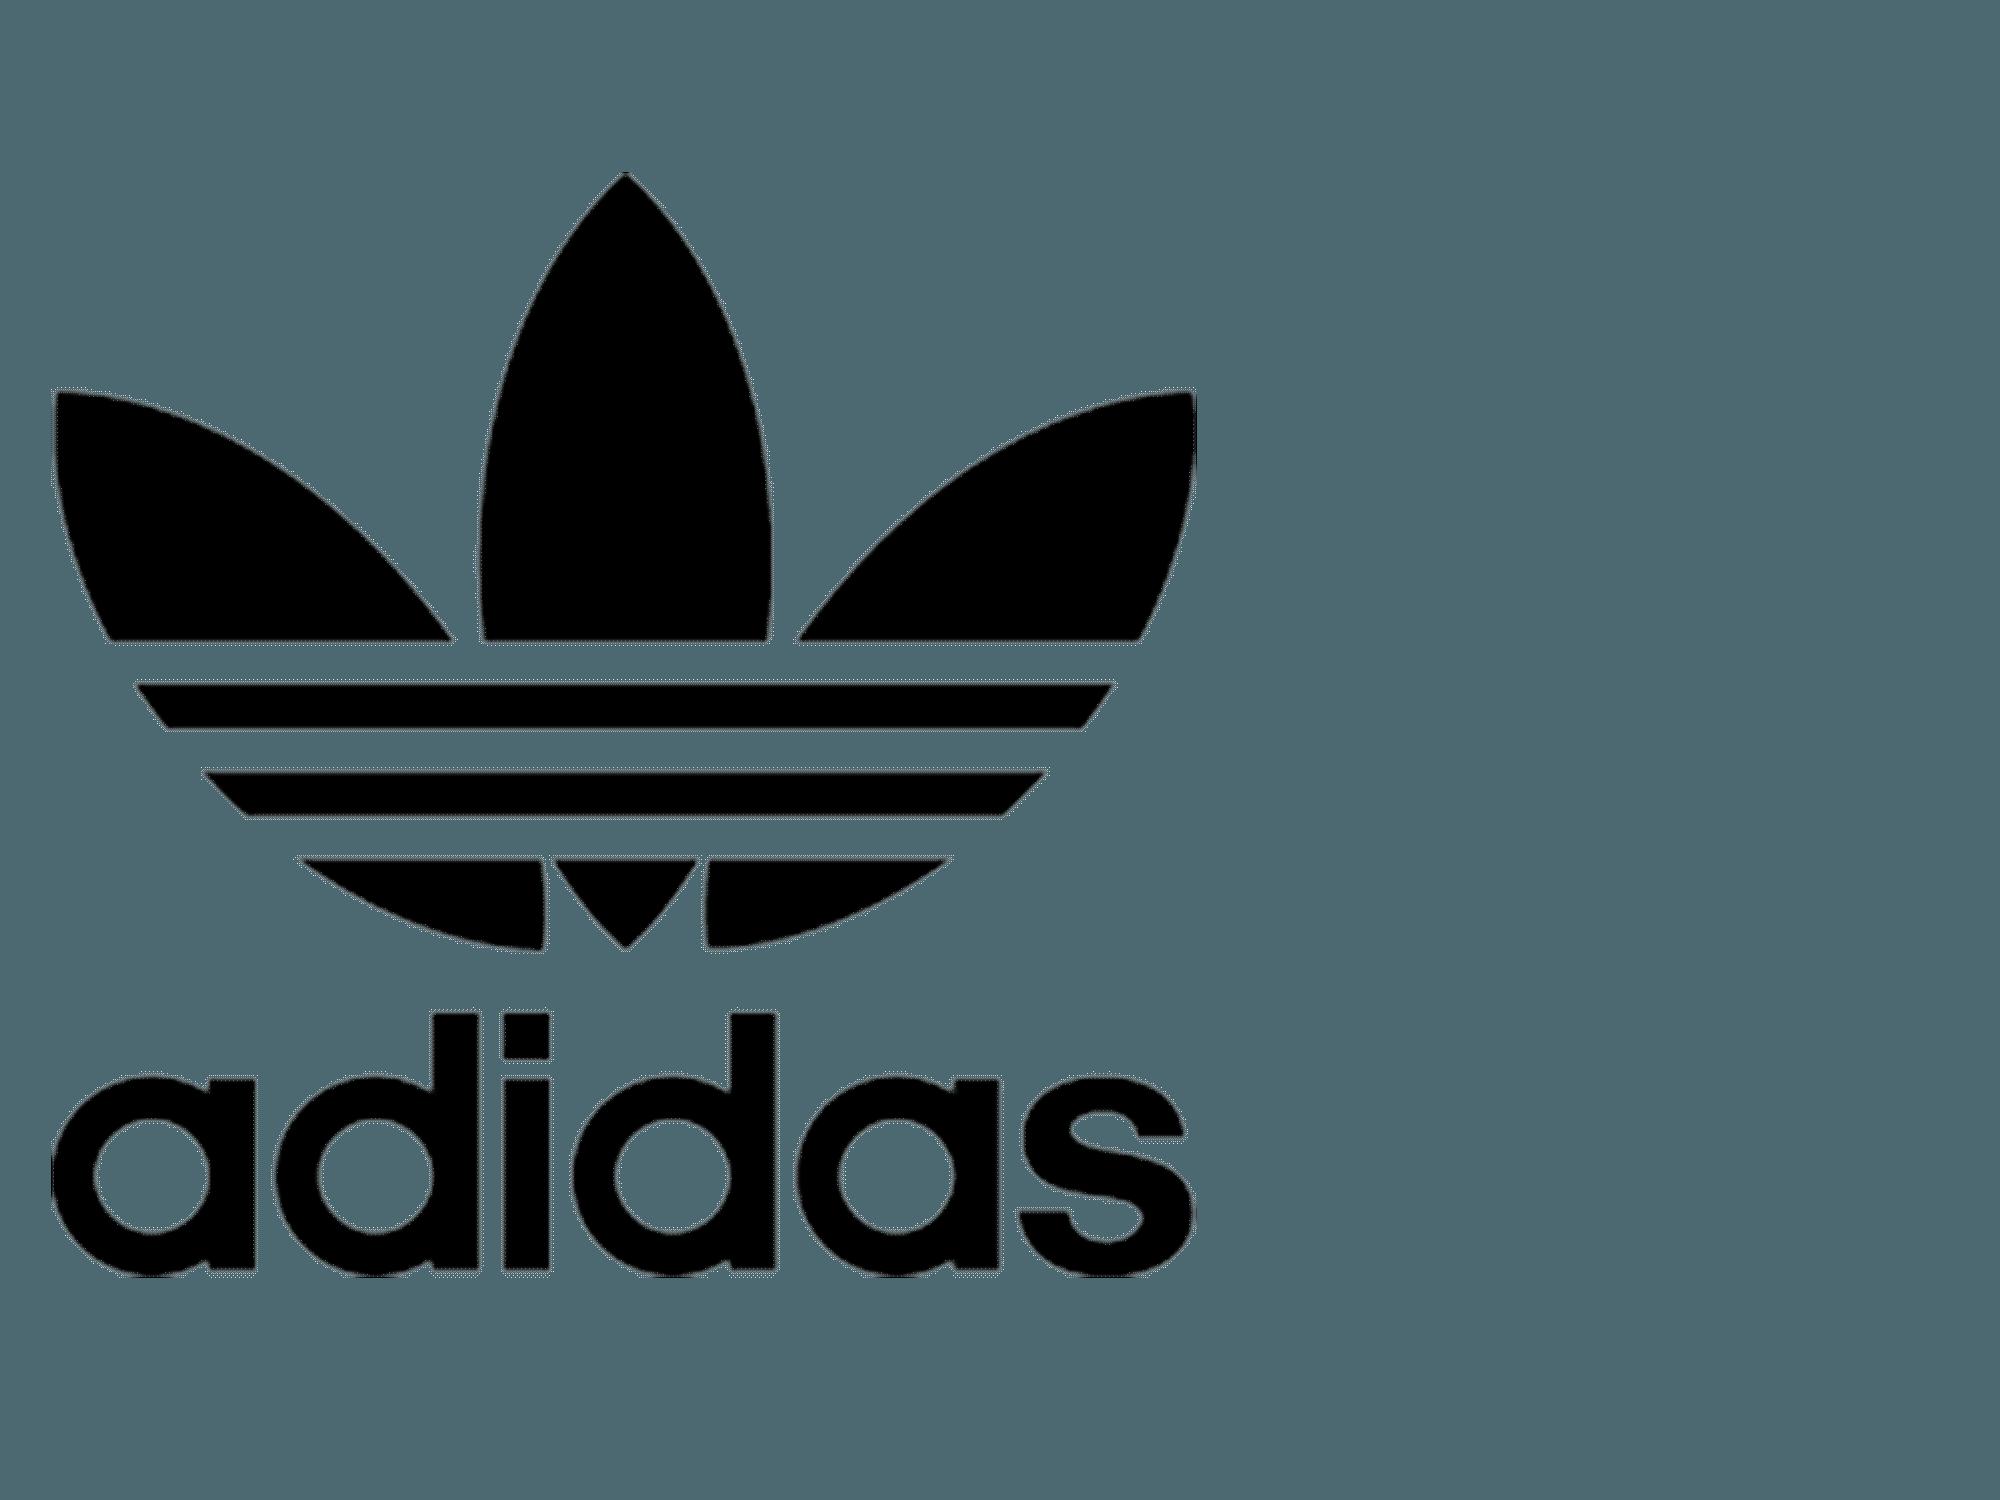 White Adidas Originals Logo LogoDix